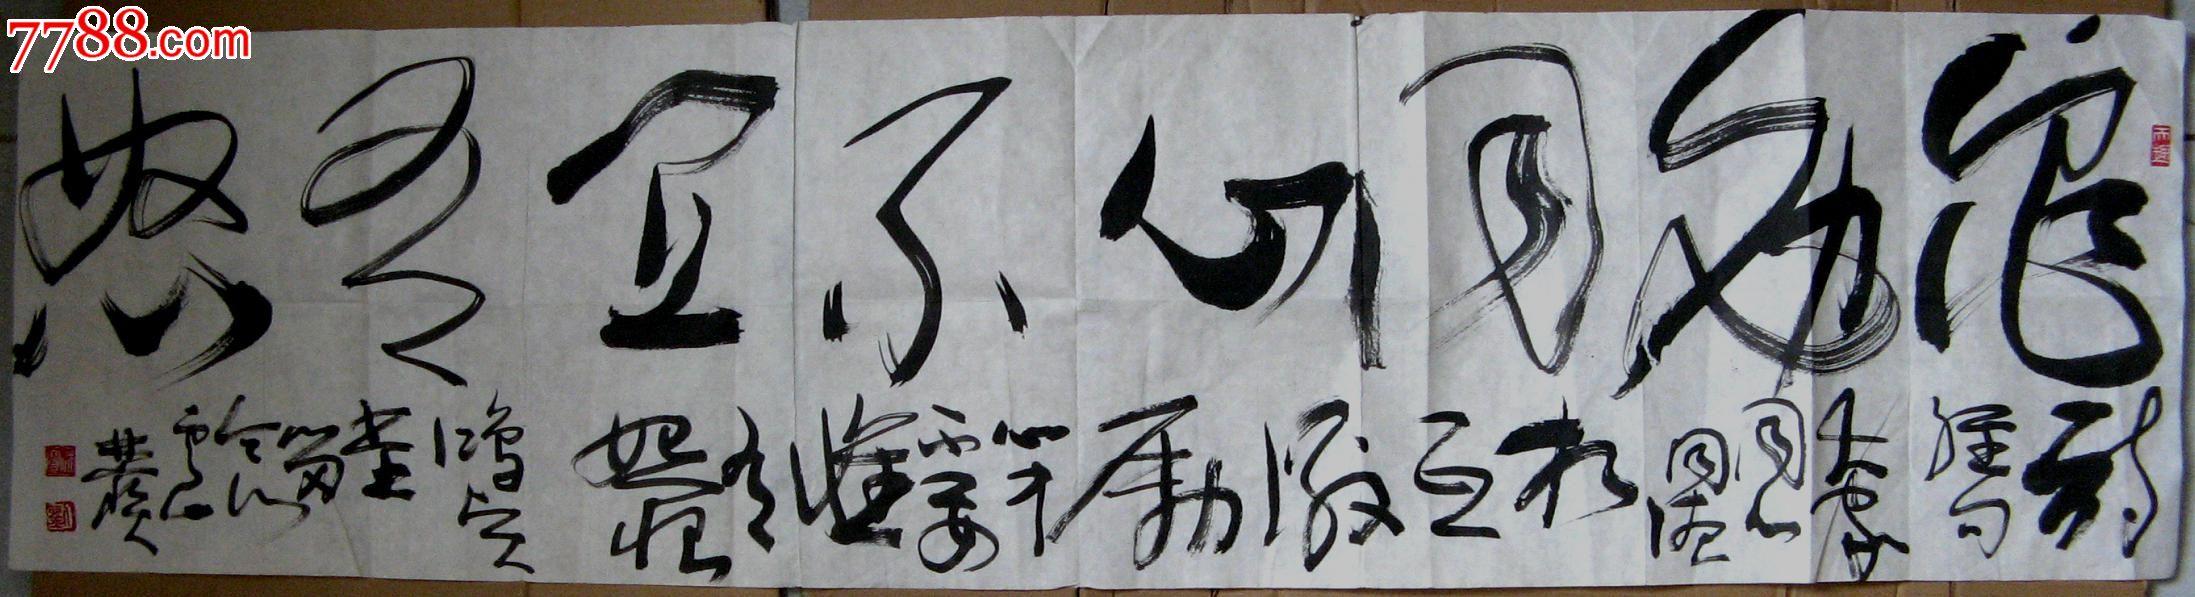 北京通州老书家,北京书协会员结构奇特,古意盎然的四尺开二横幅草书诗